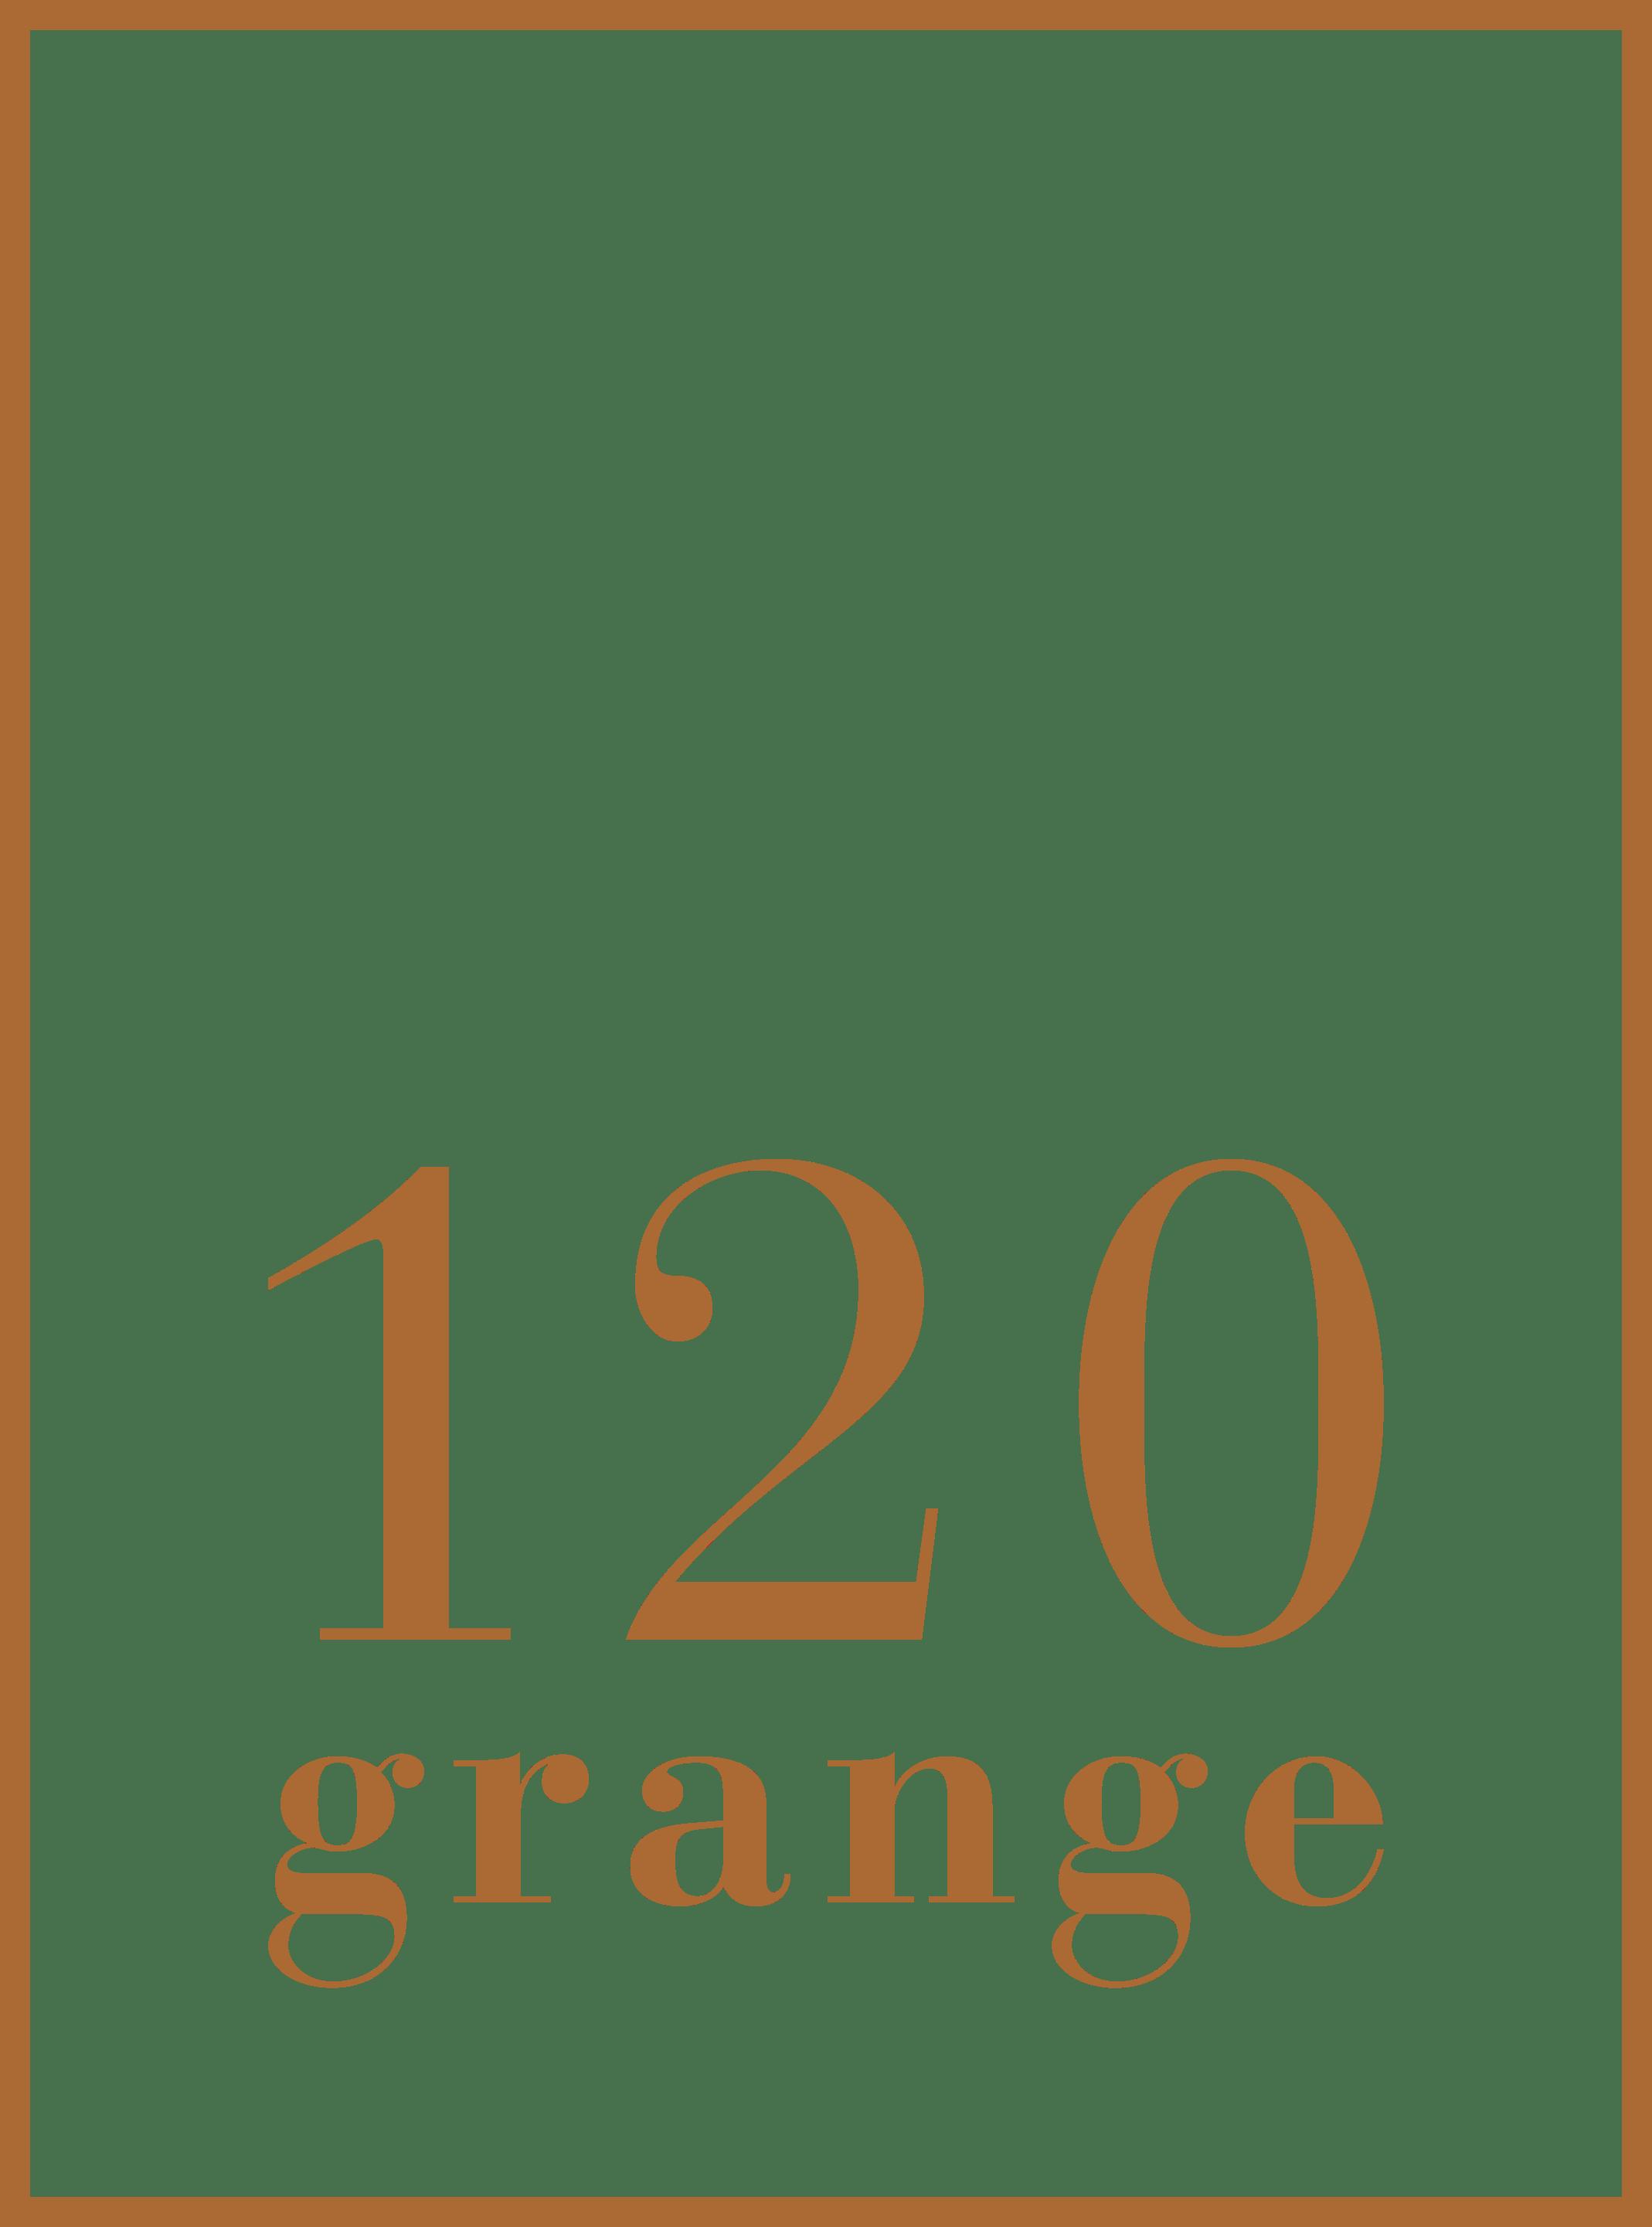 120 Grange logo